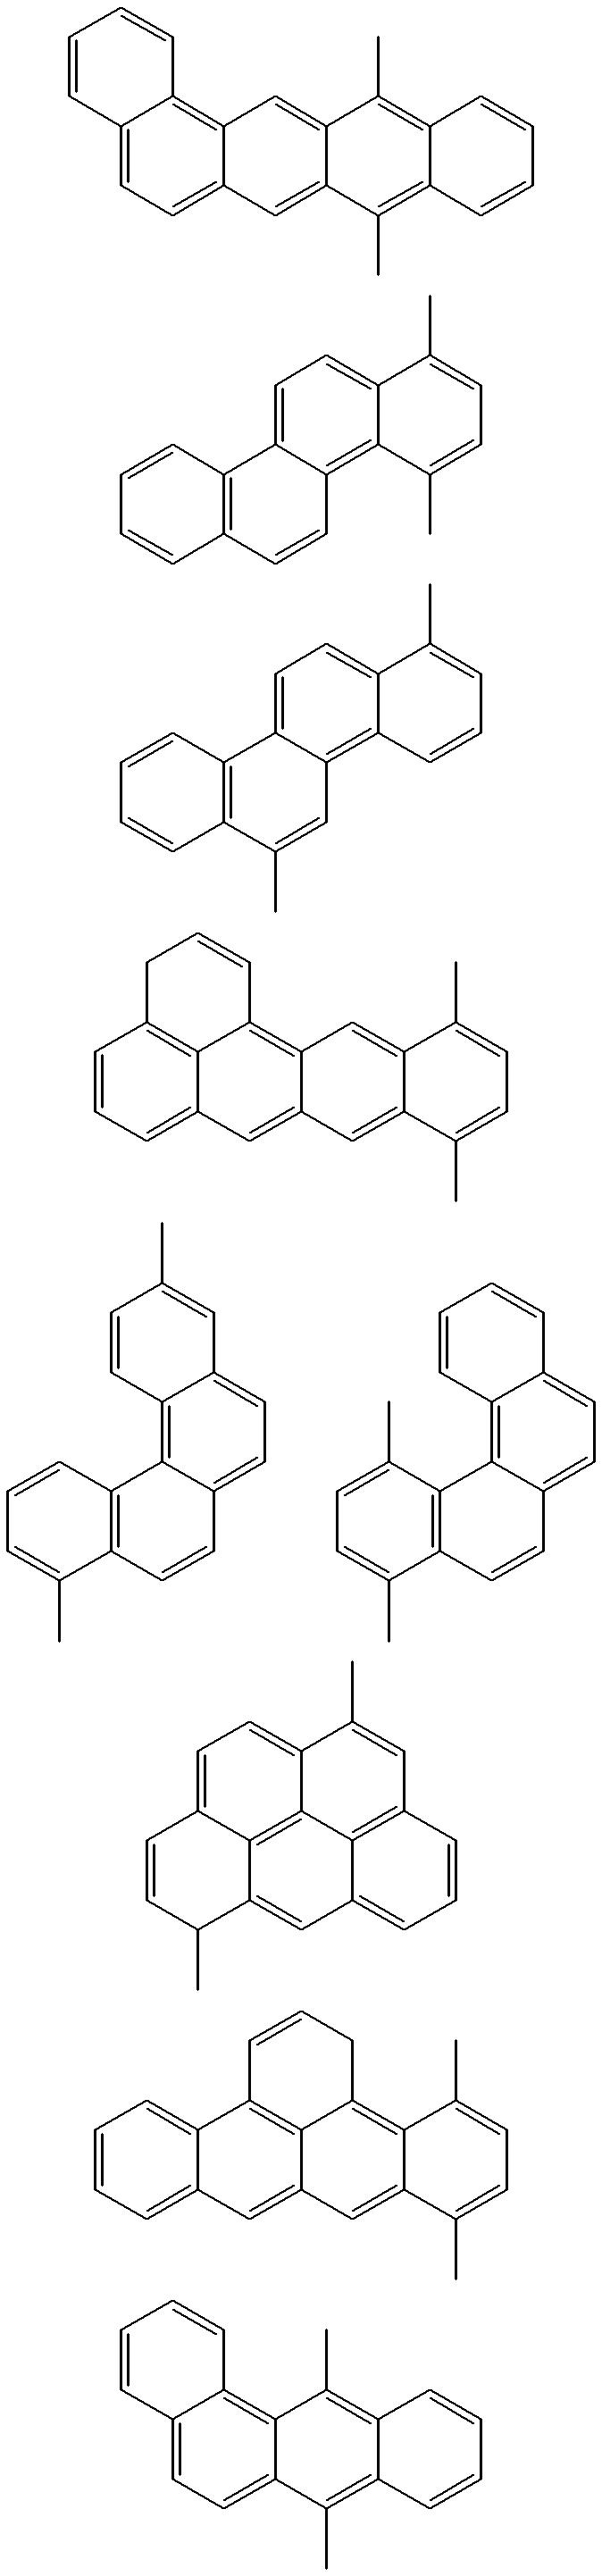 Figure US06203933-20010320-C00002